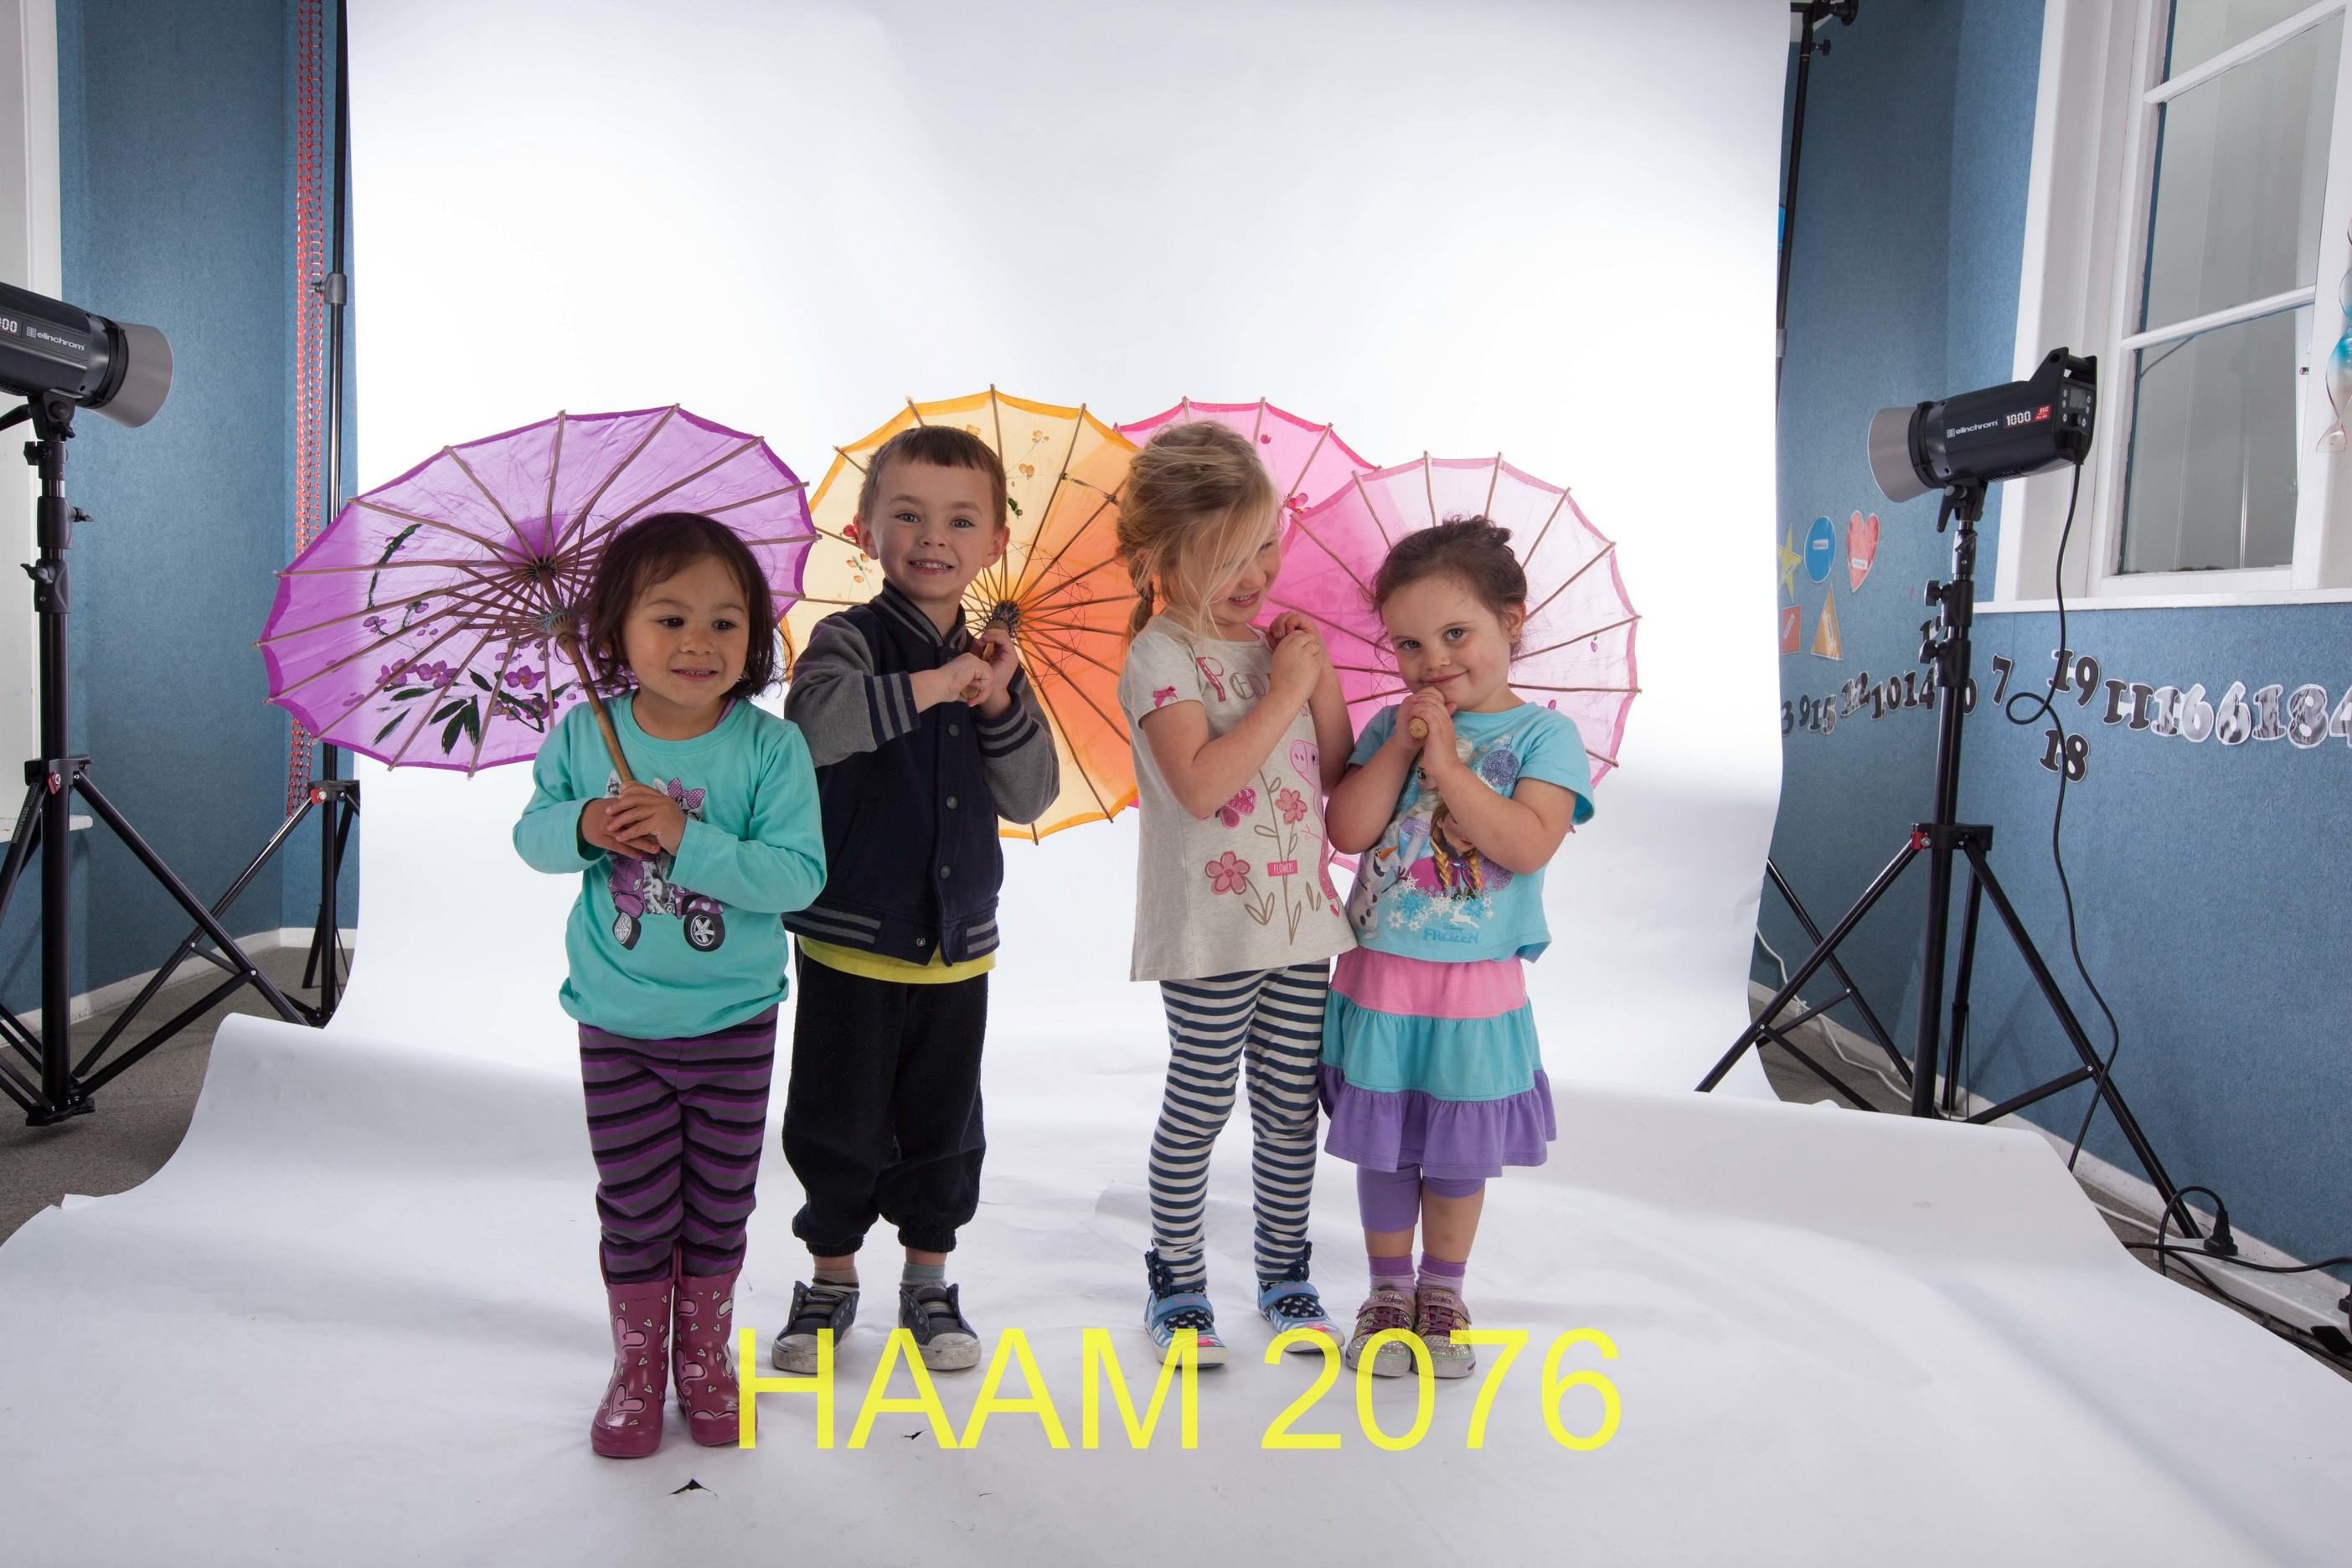 HAAM 2076